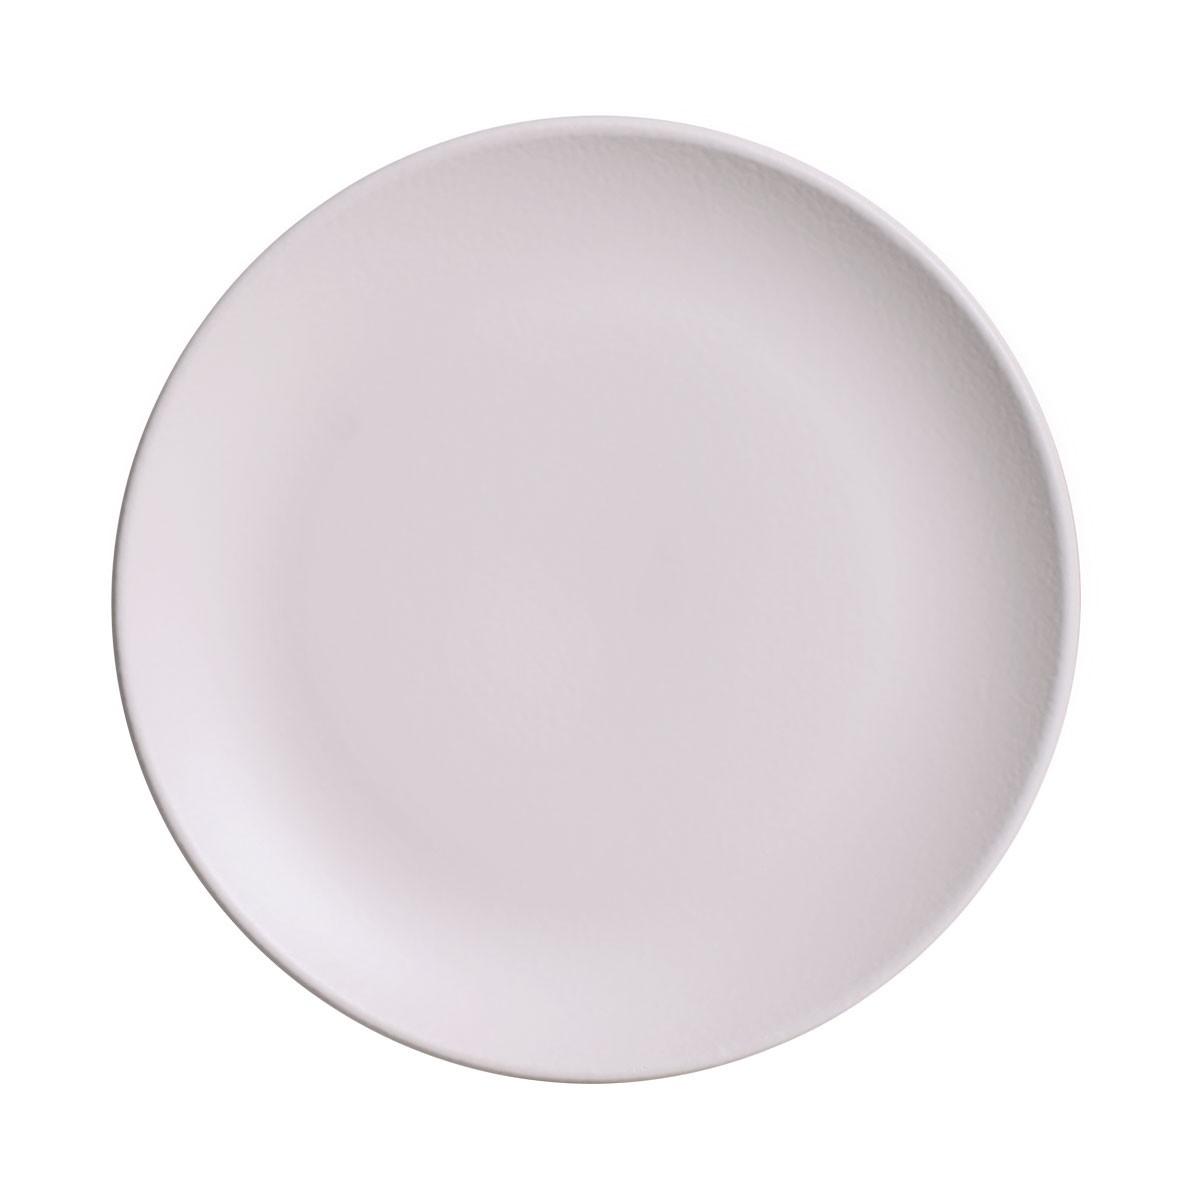 Prato de Sobremesa Haya Redondo em Ceramica Off-white - Porto Brasil